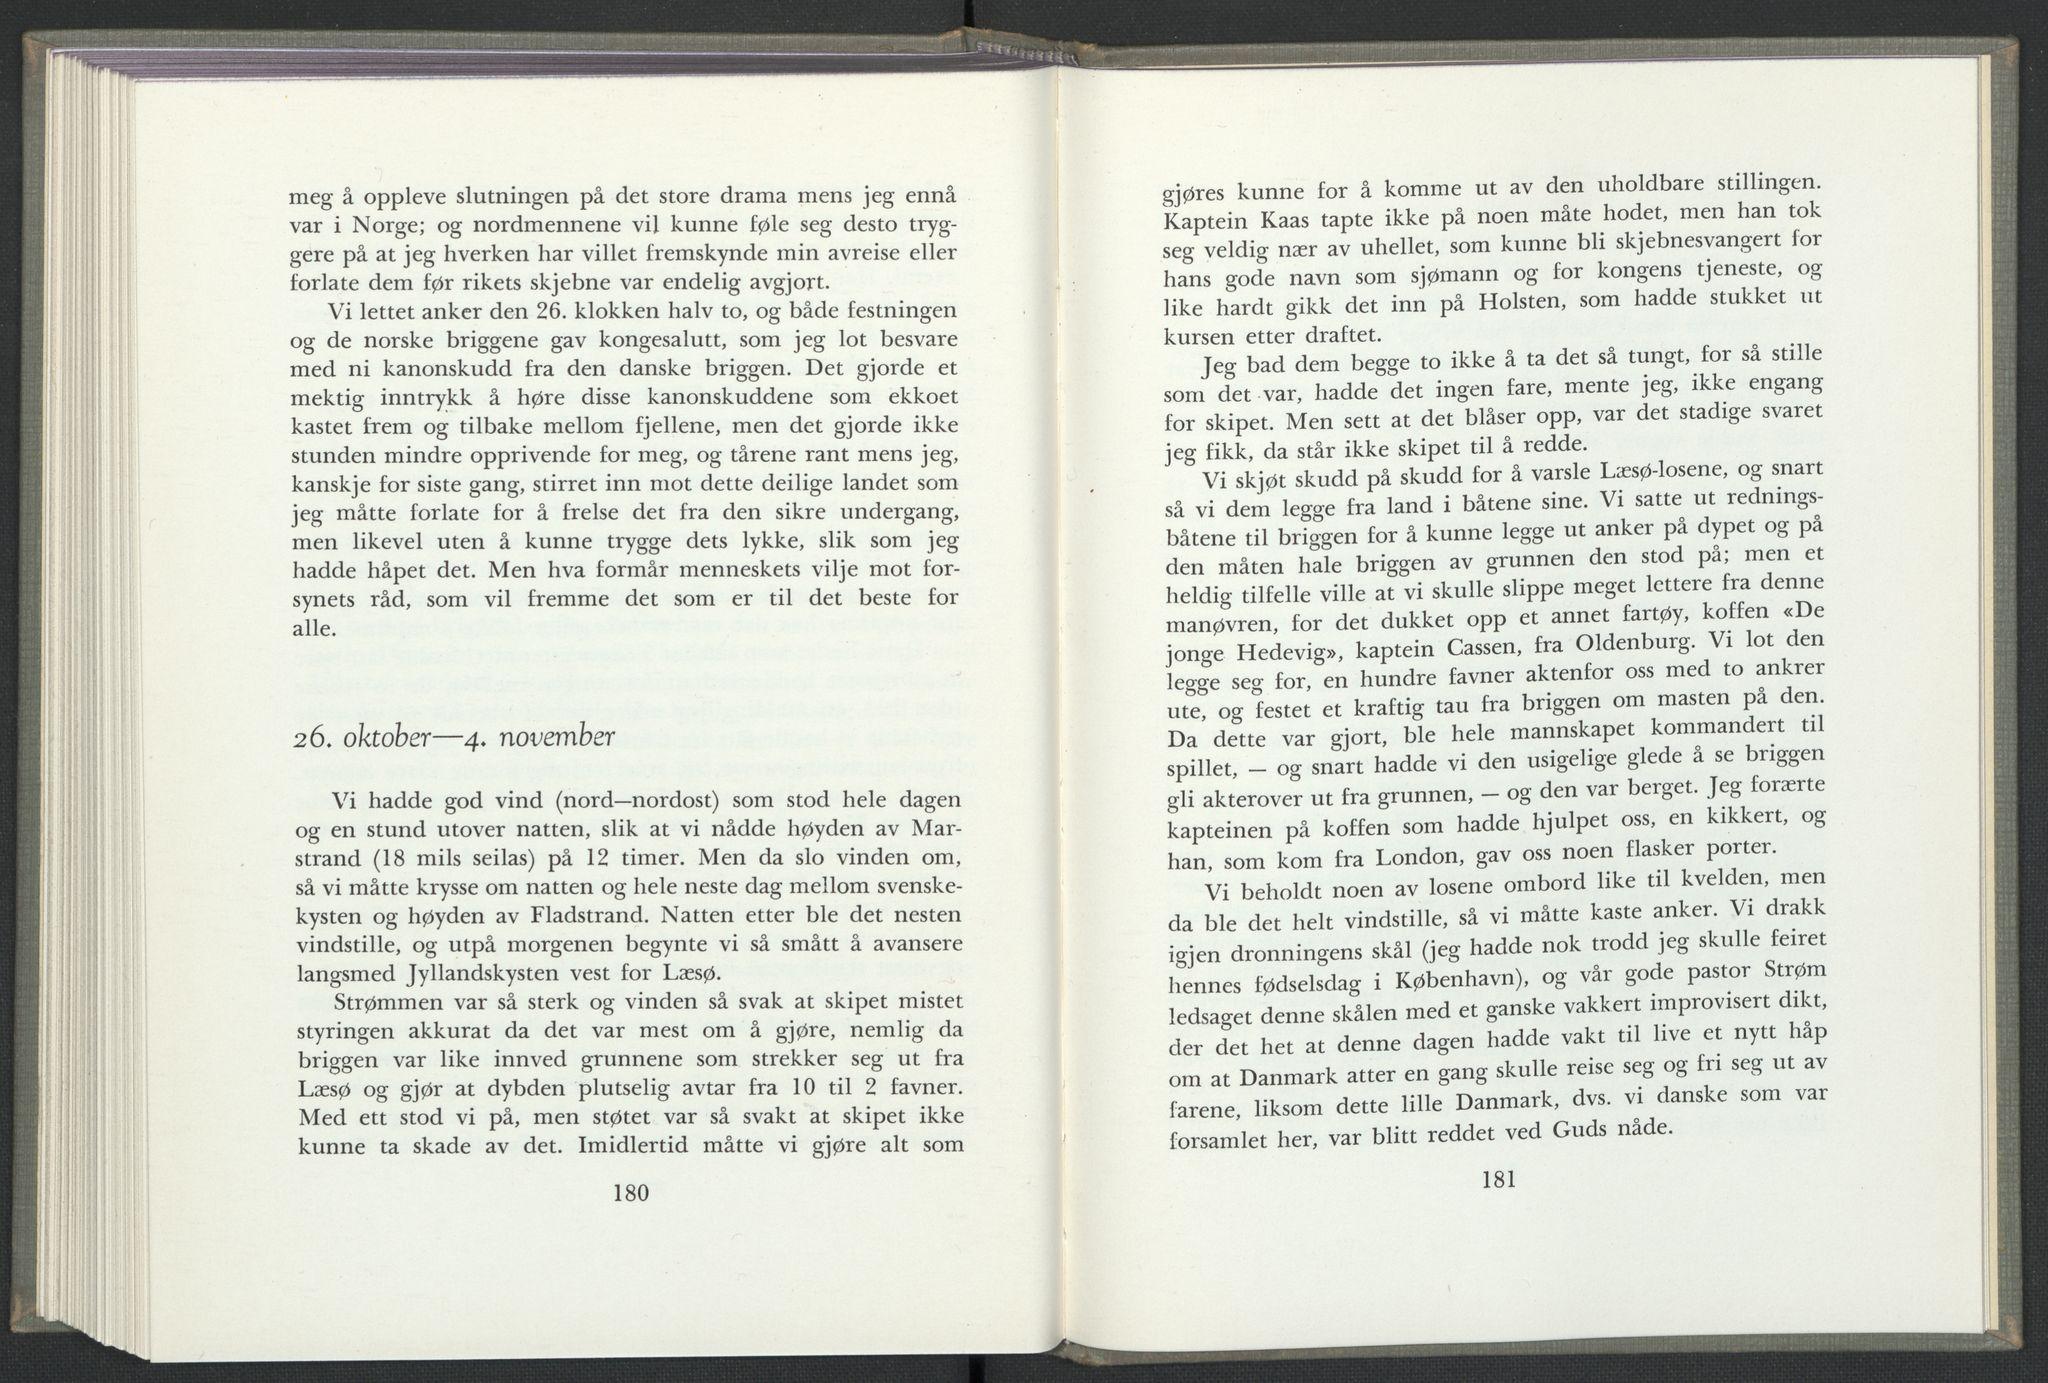 Publikasjoner*, 1954, s. 180-181